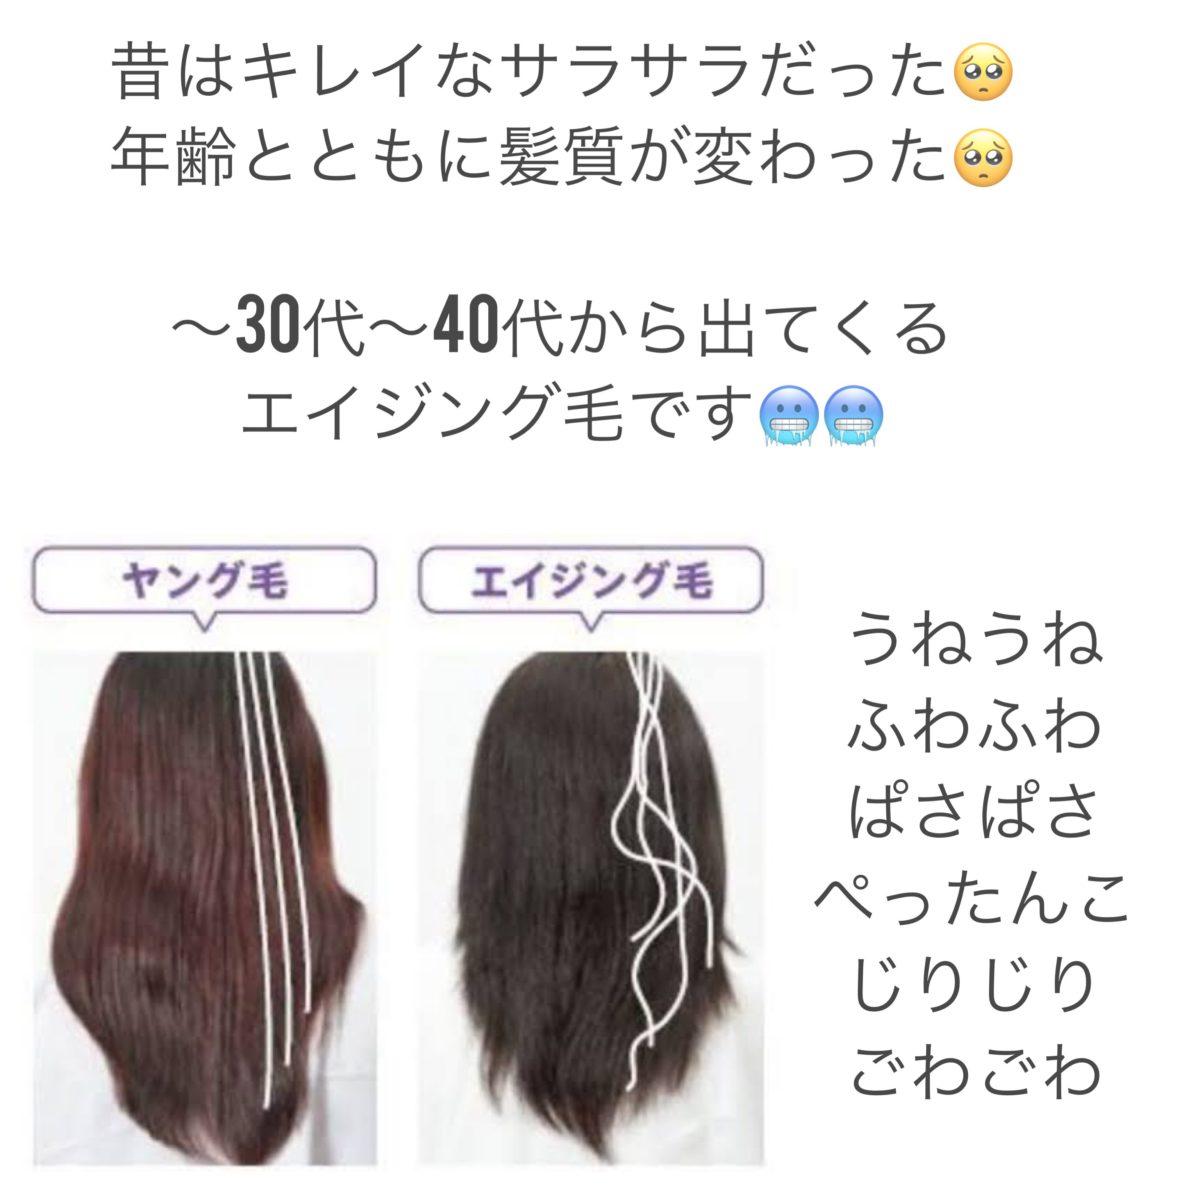 エブリシング毛